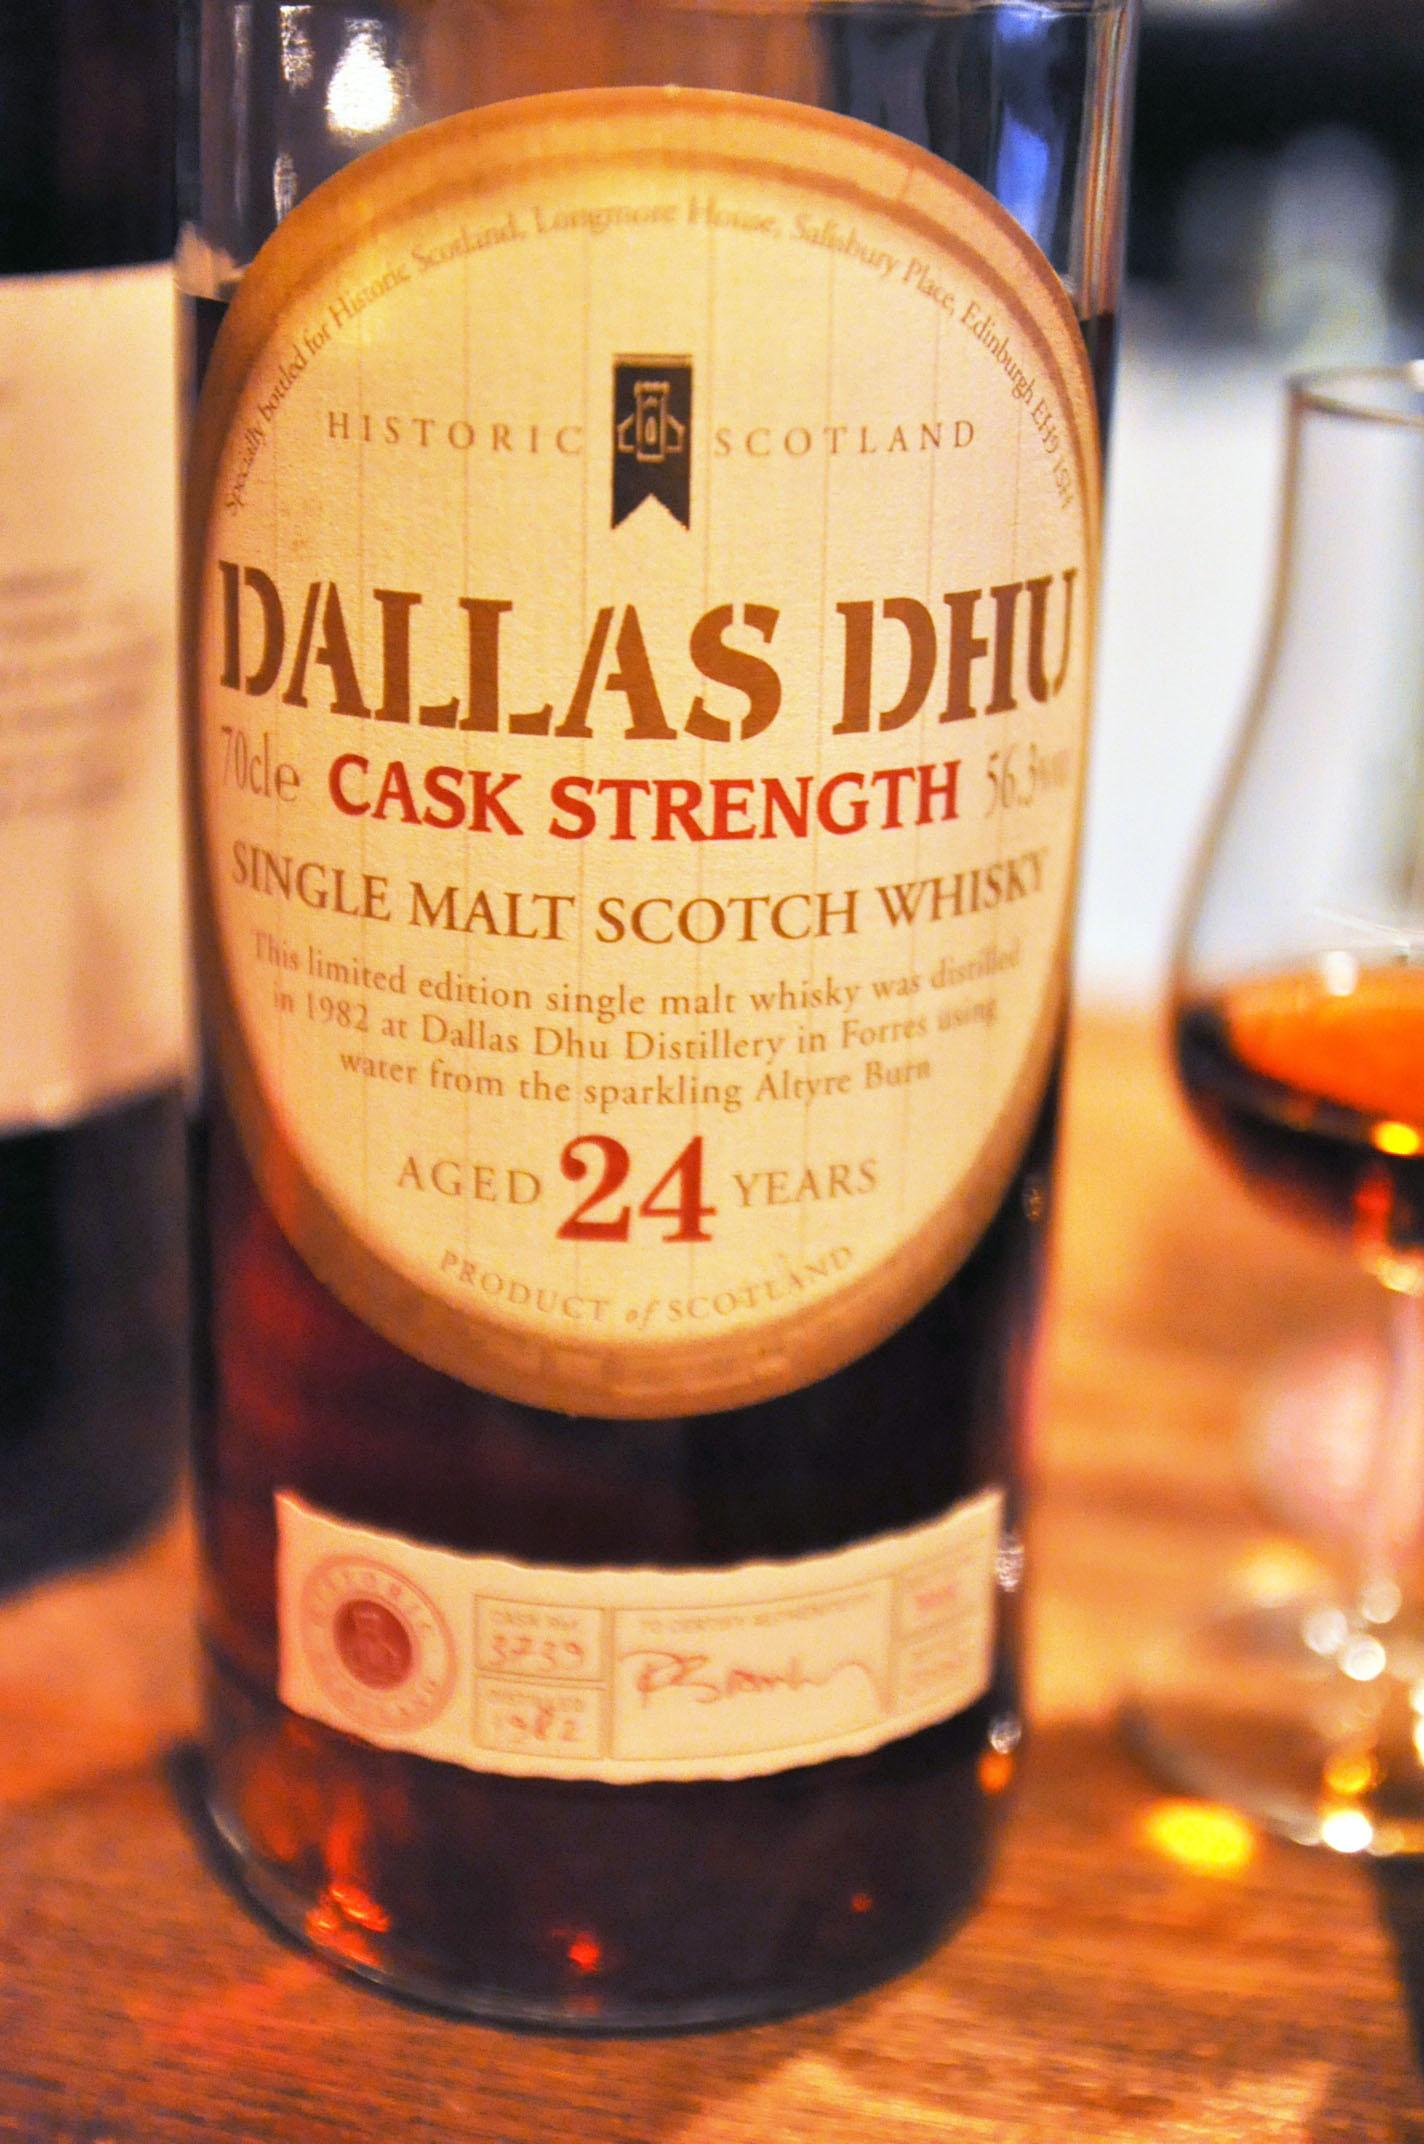 Dallas Dhu 24yo 1982/2007 (56.3%, OB, Historic Scotland, C#3739, btl no 398)